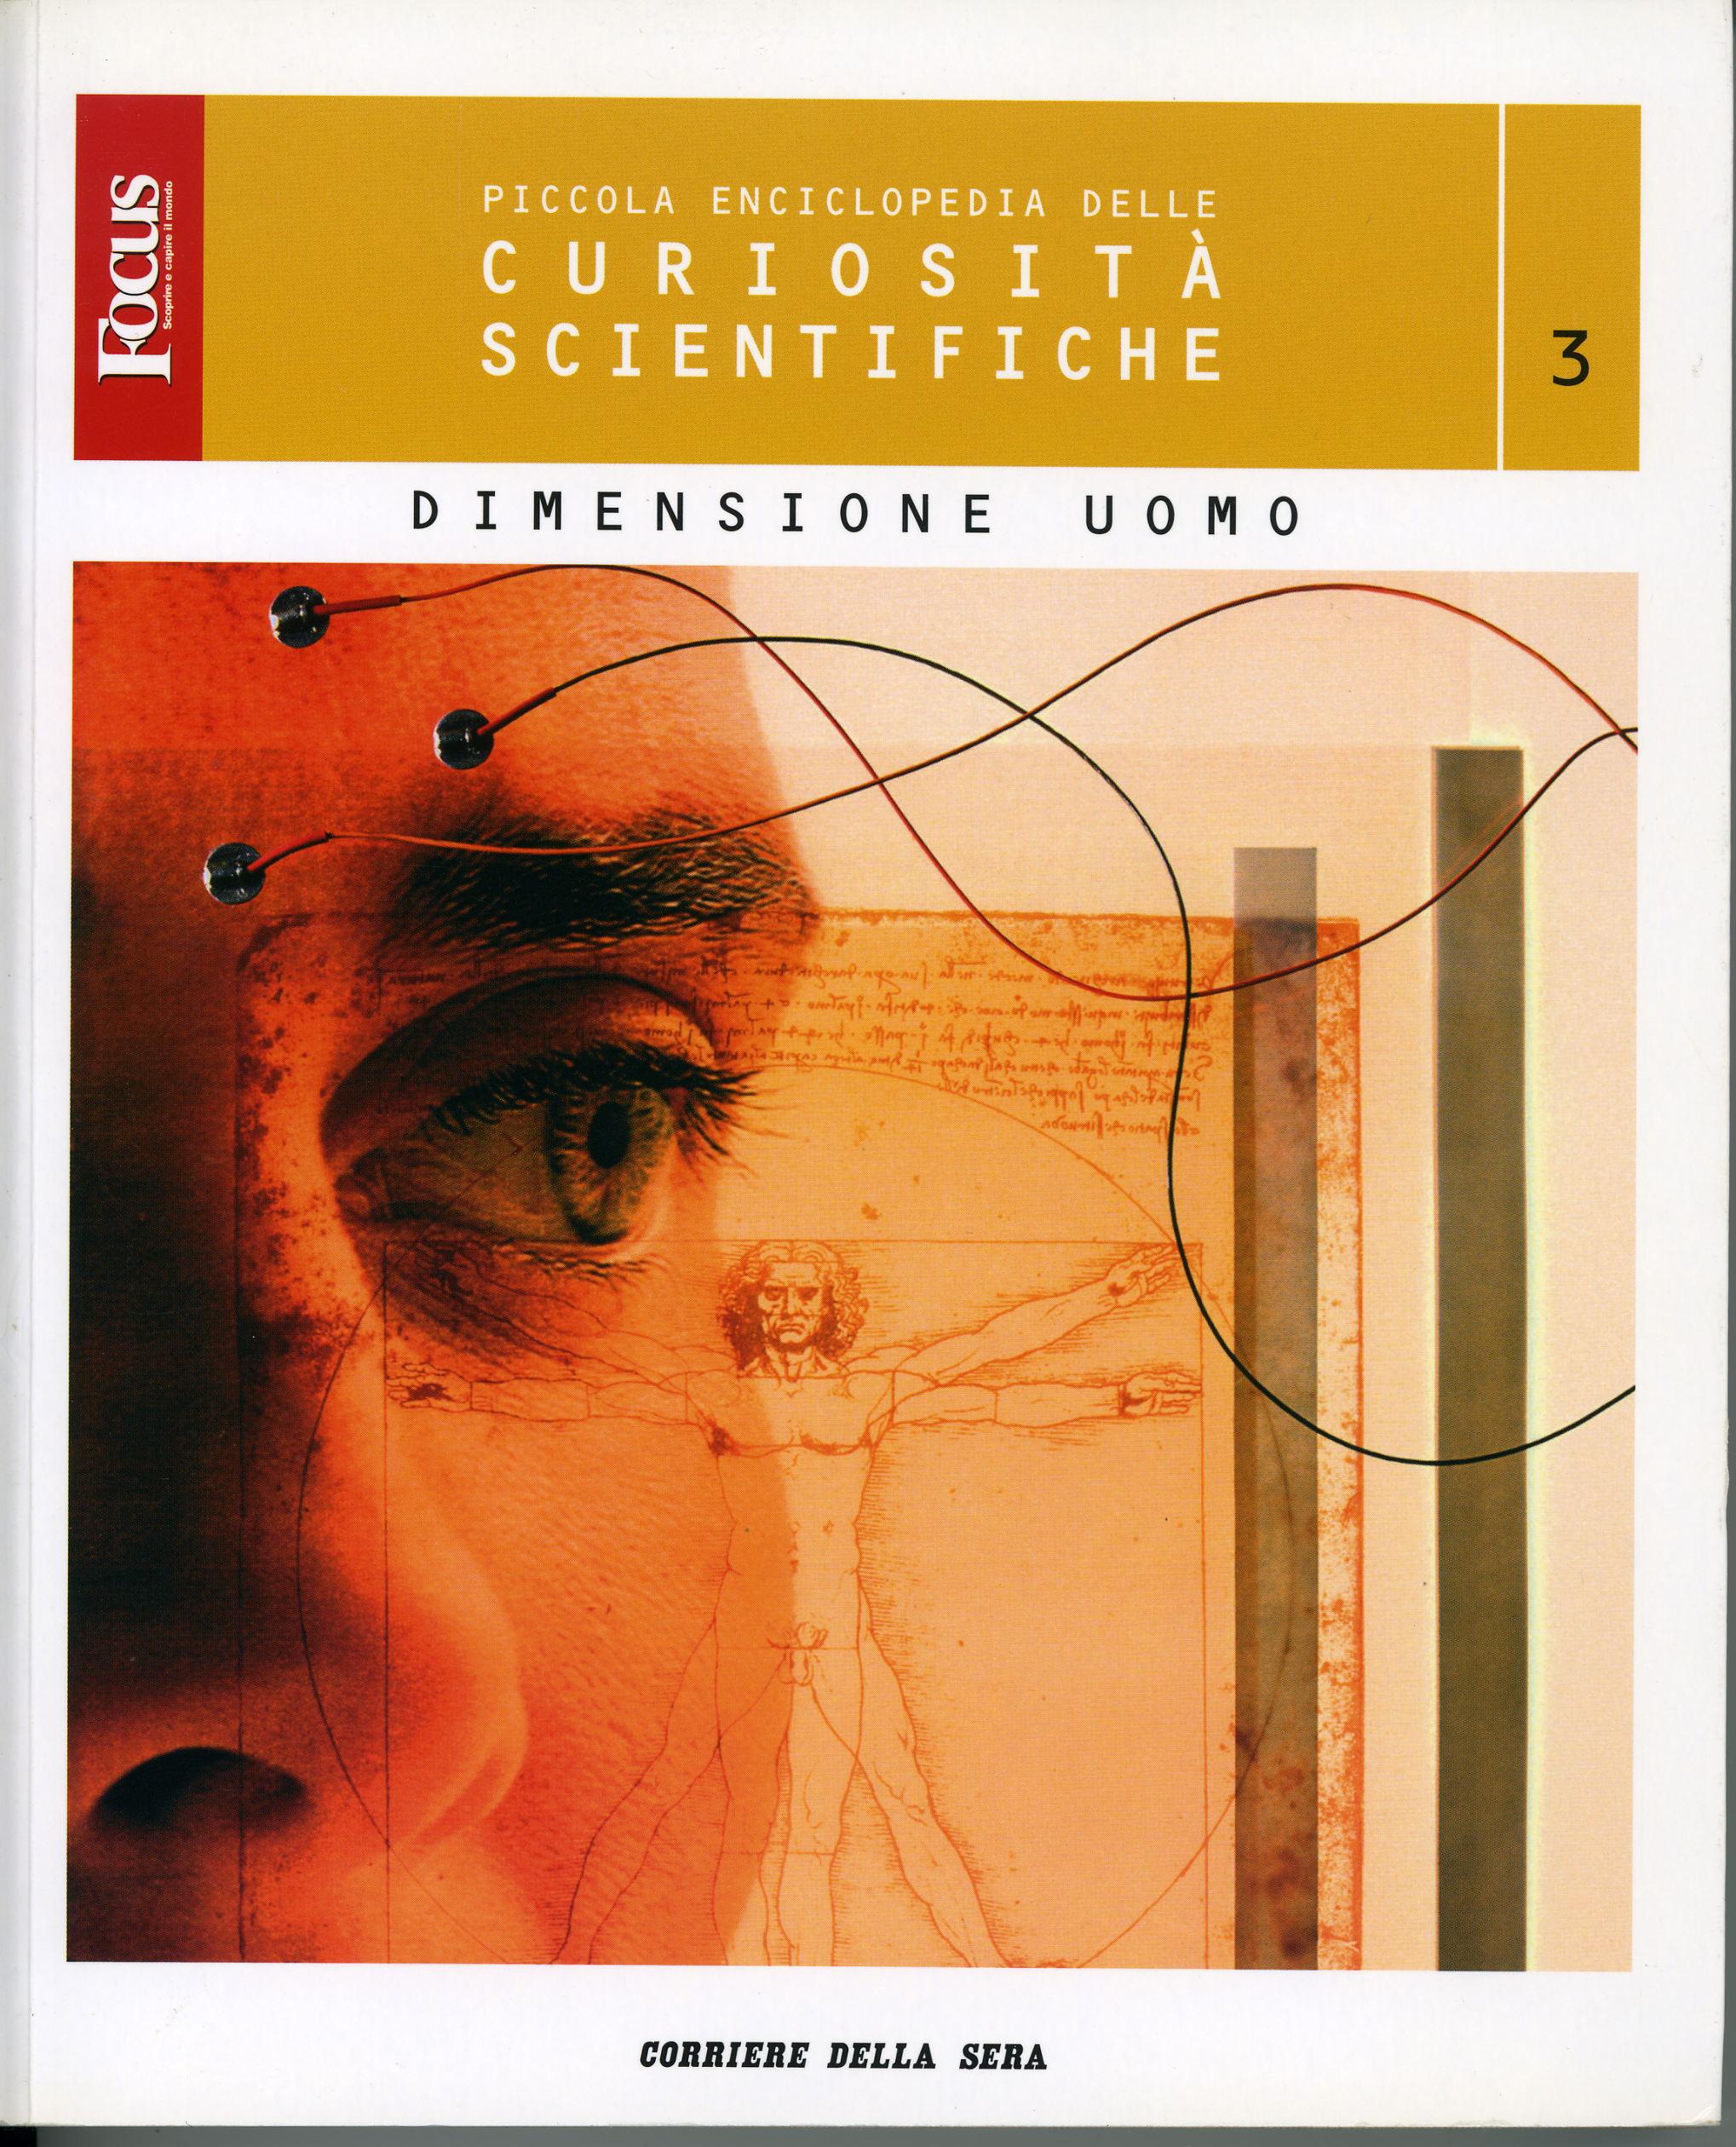 Piccola enciclopedia delle curiosità scientifiche vol. 3